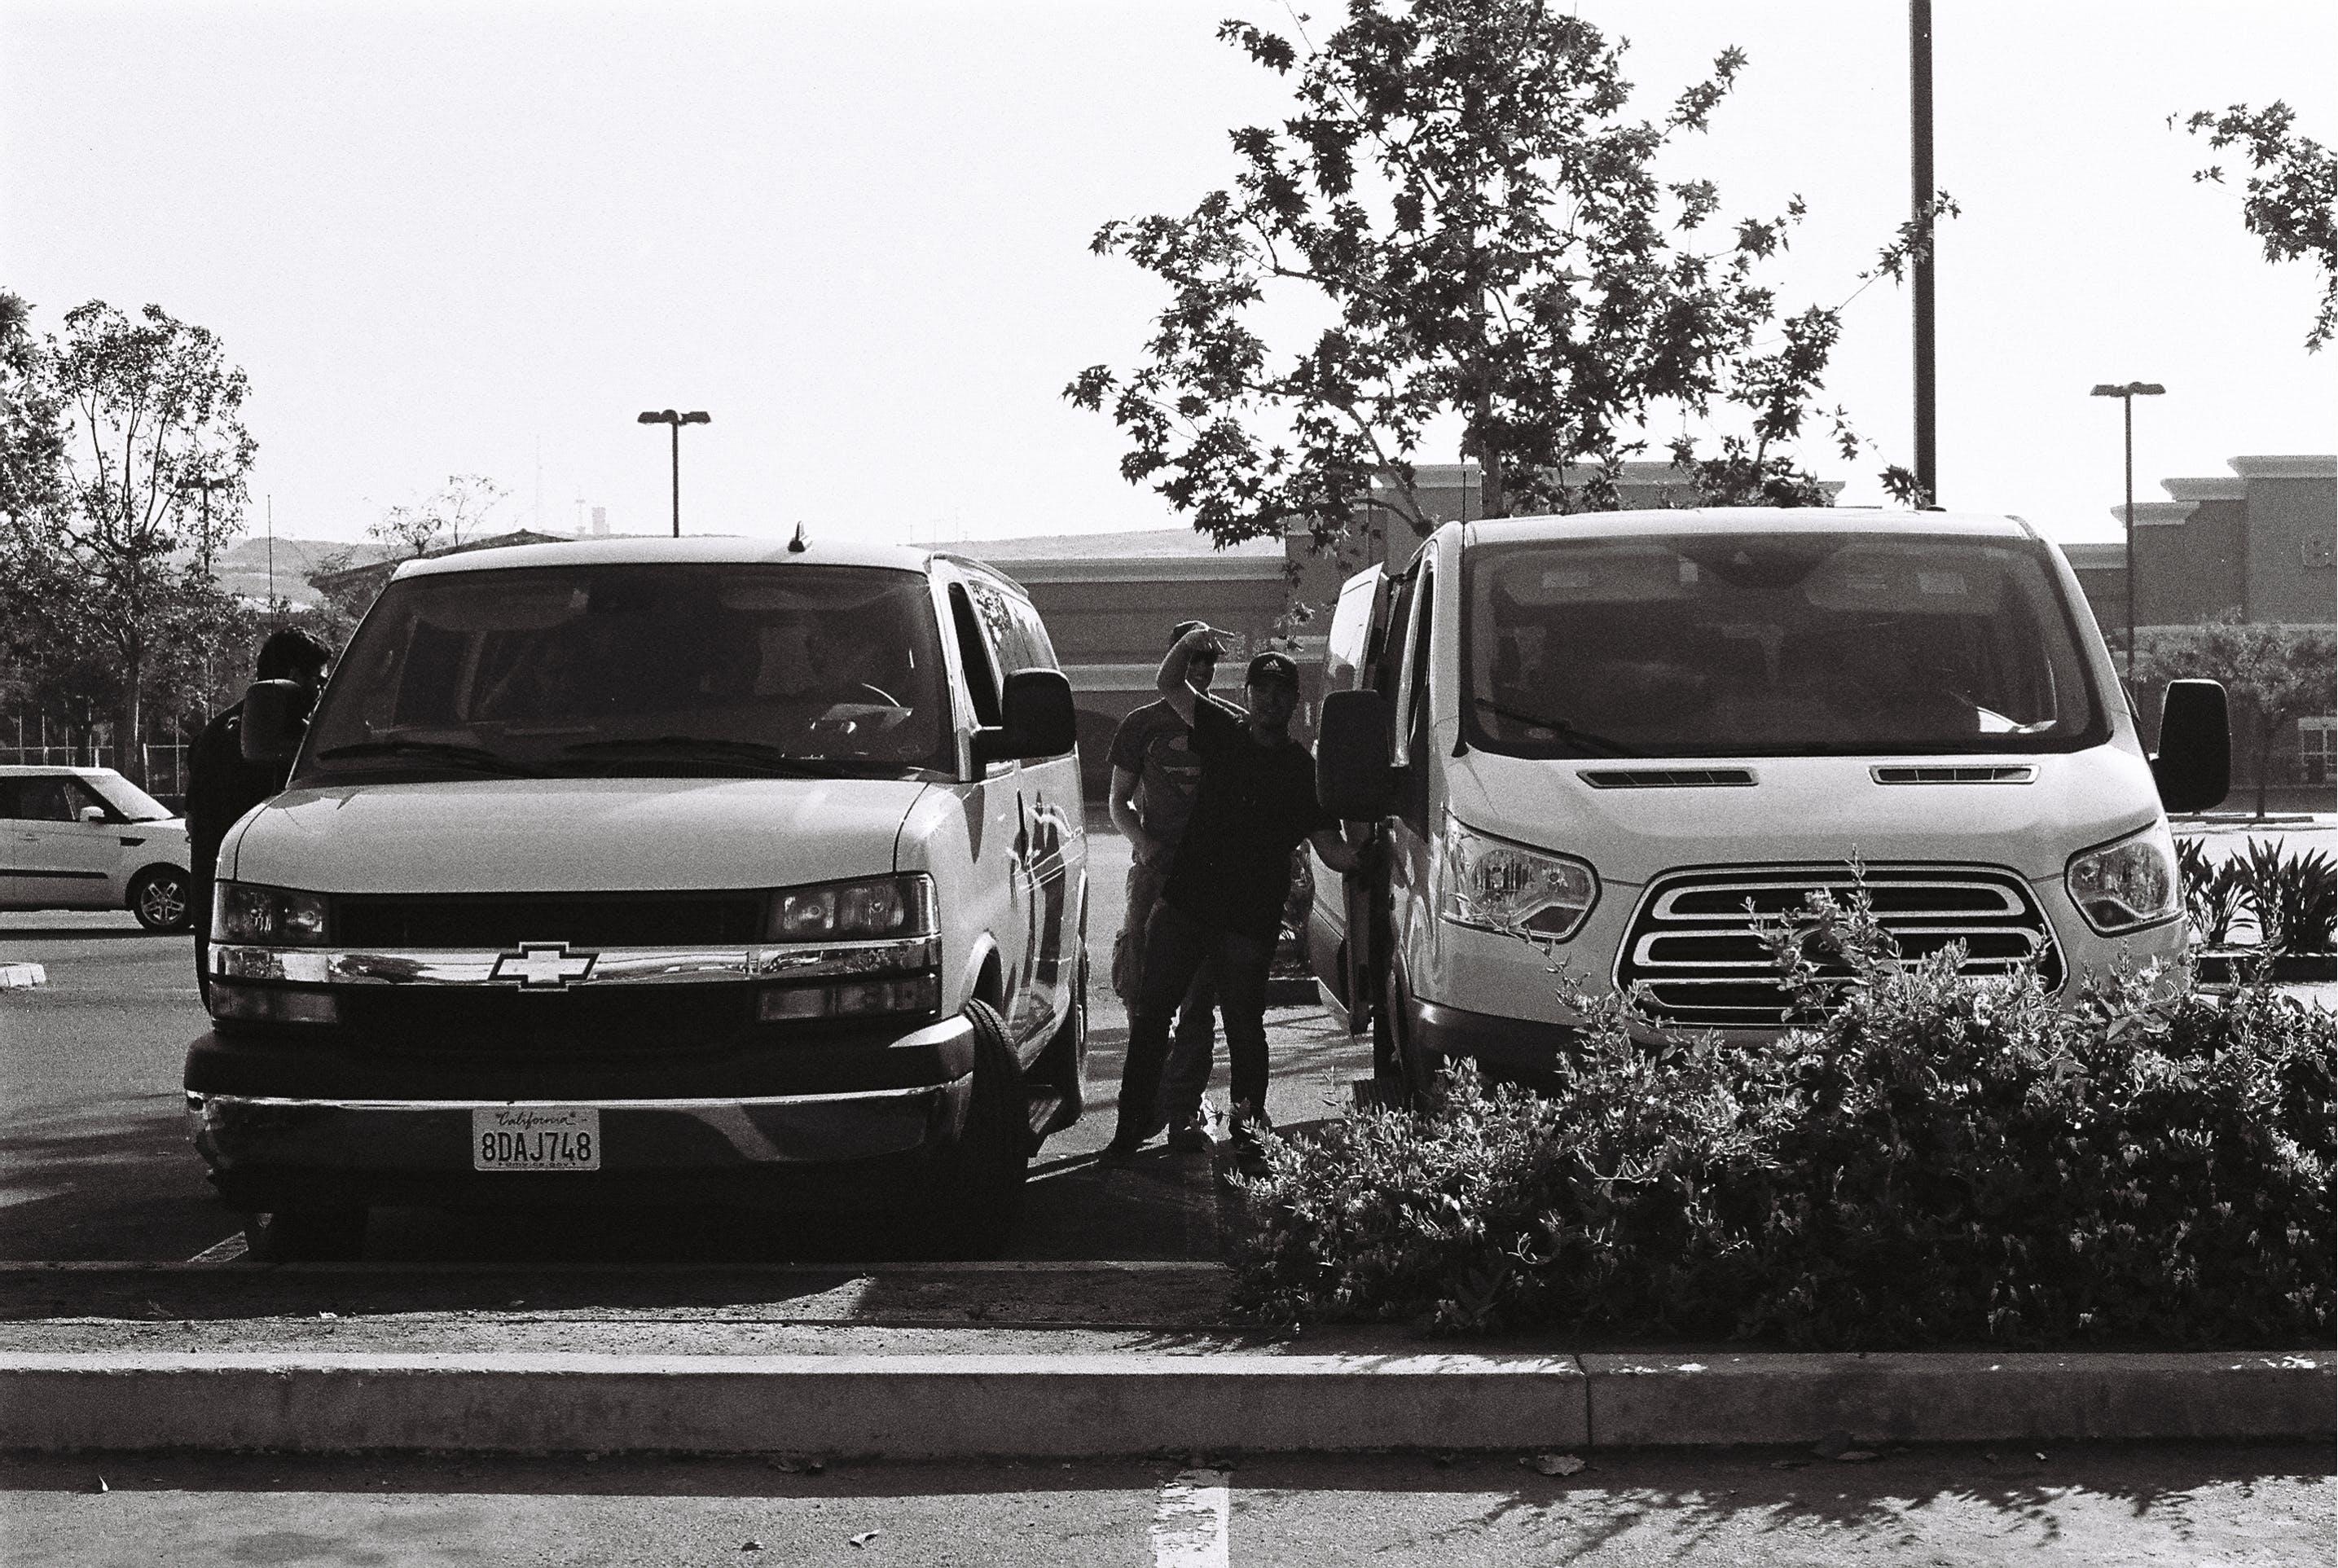 Gratis lagerfoto af varevogne parkeret